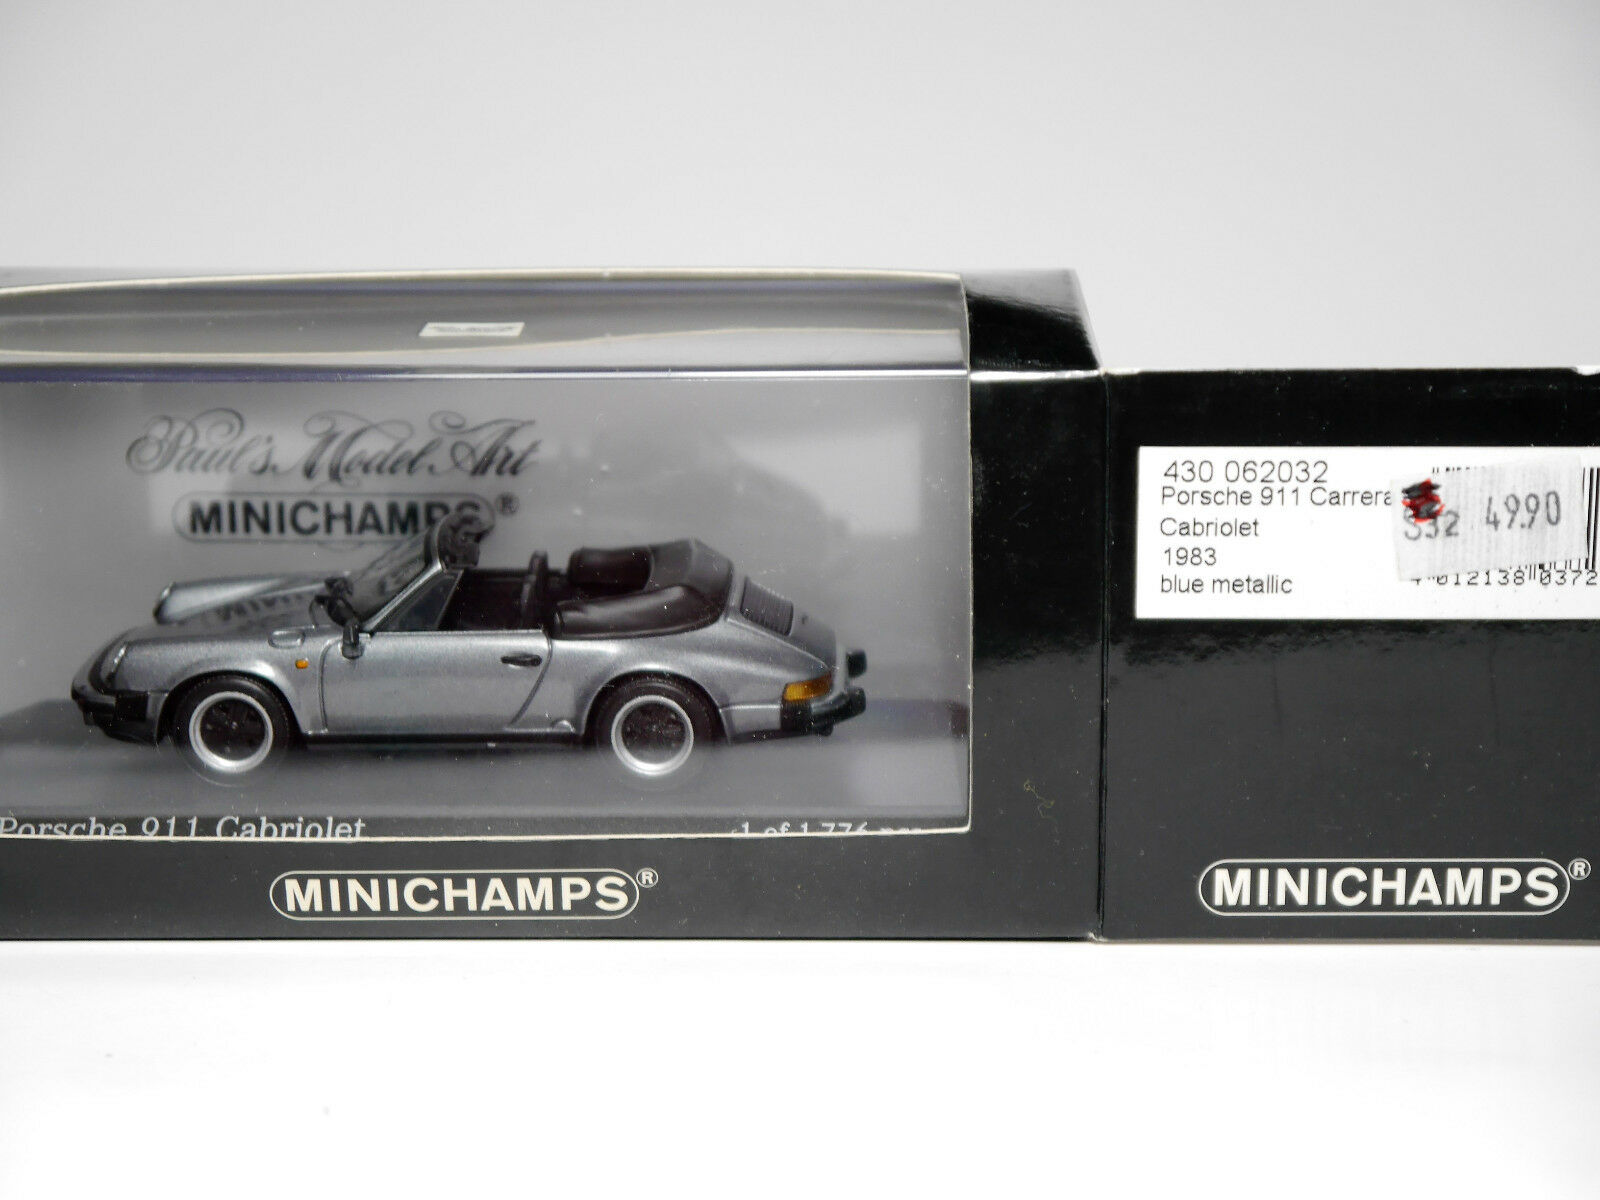 Porsche 911 cabrio 1983 g-modell blau traf., minichamps 430 062032 1 43 geboxt.